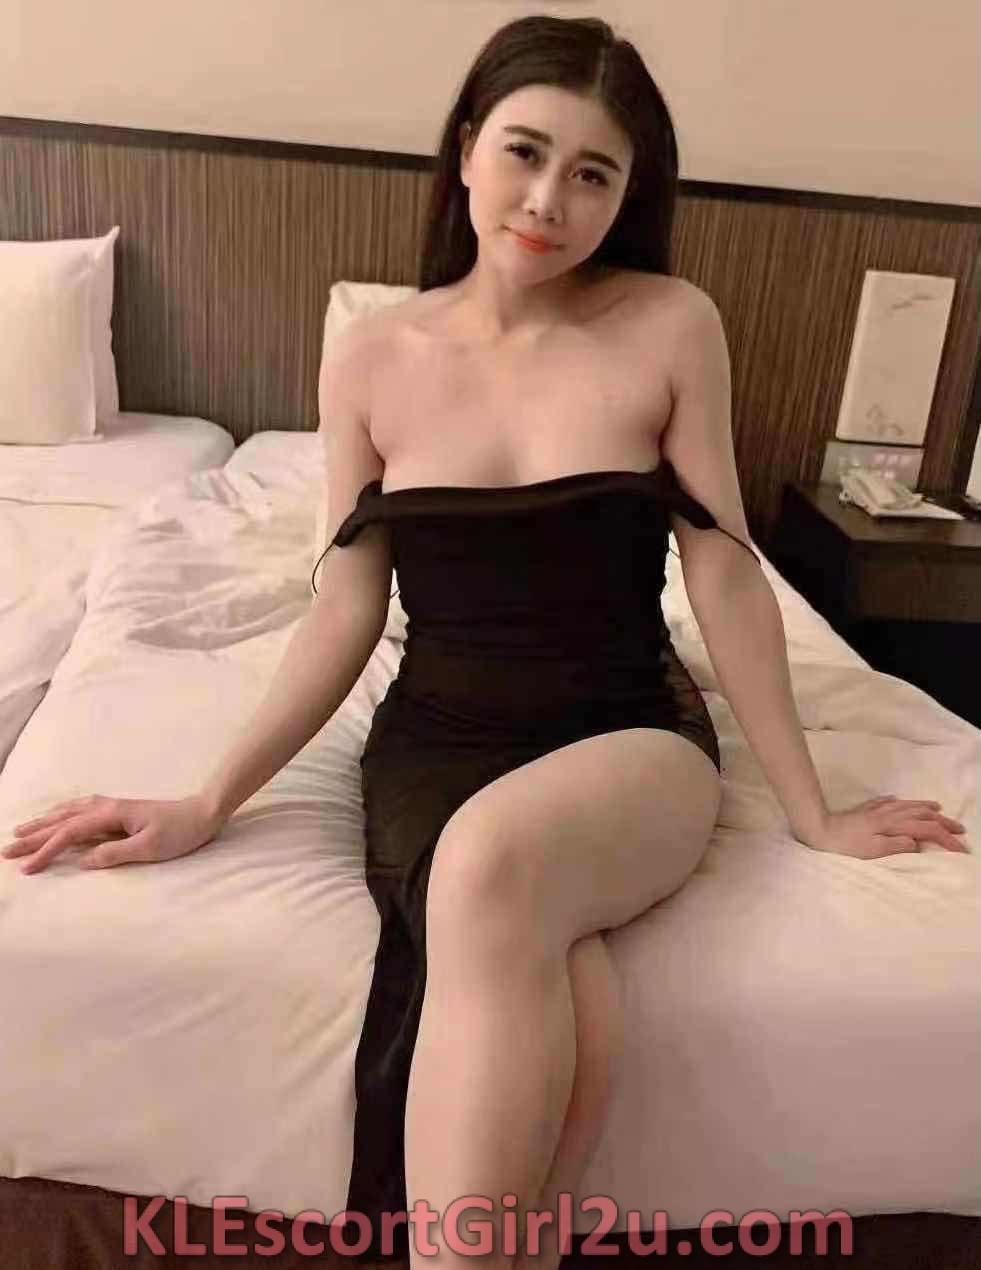 Kl Escort Beautiful Vietnam - Cindy